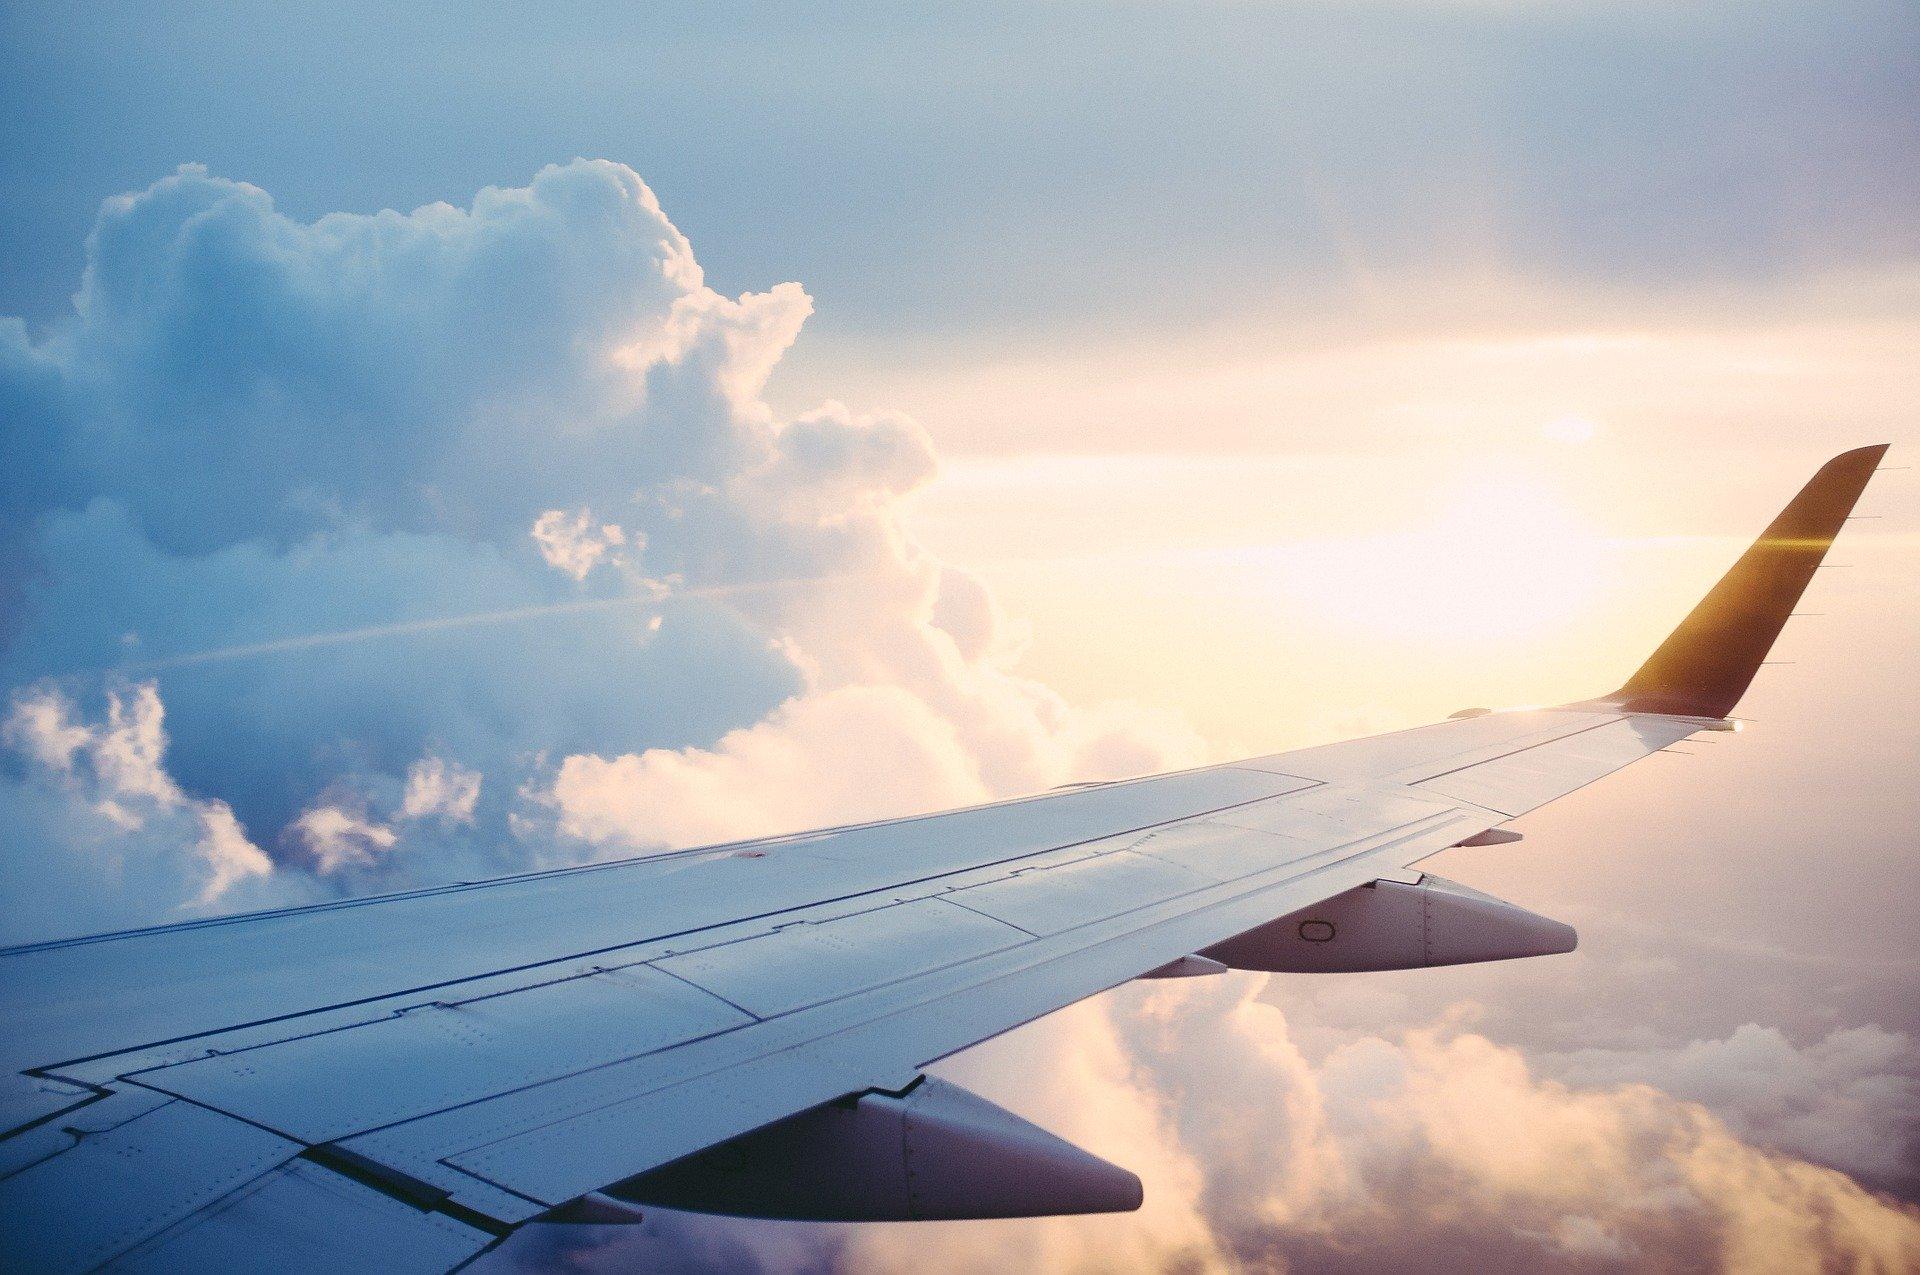 飛行機 モバイルバッテリー 手荷物持ち込み